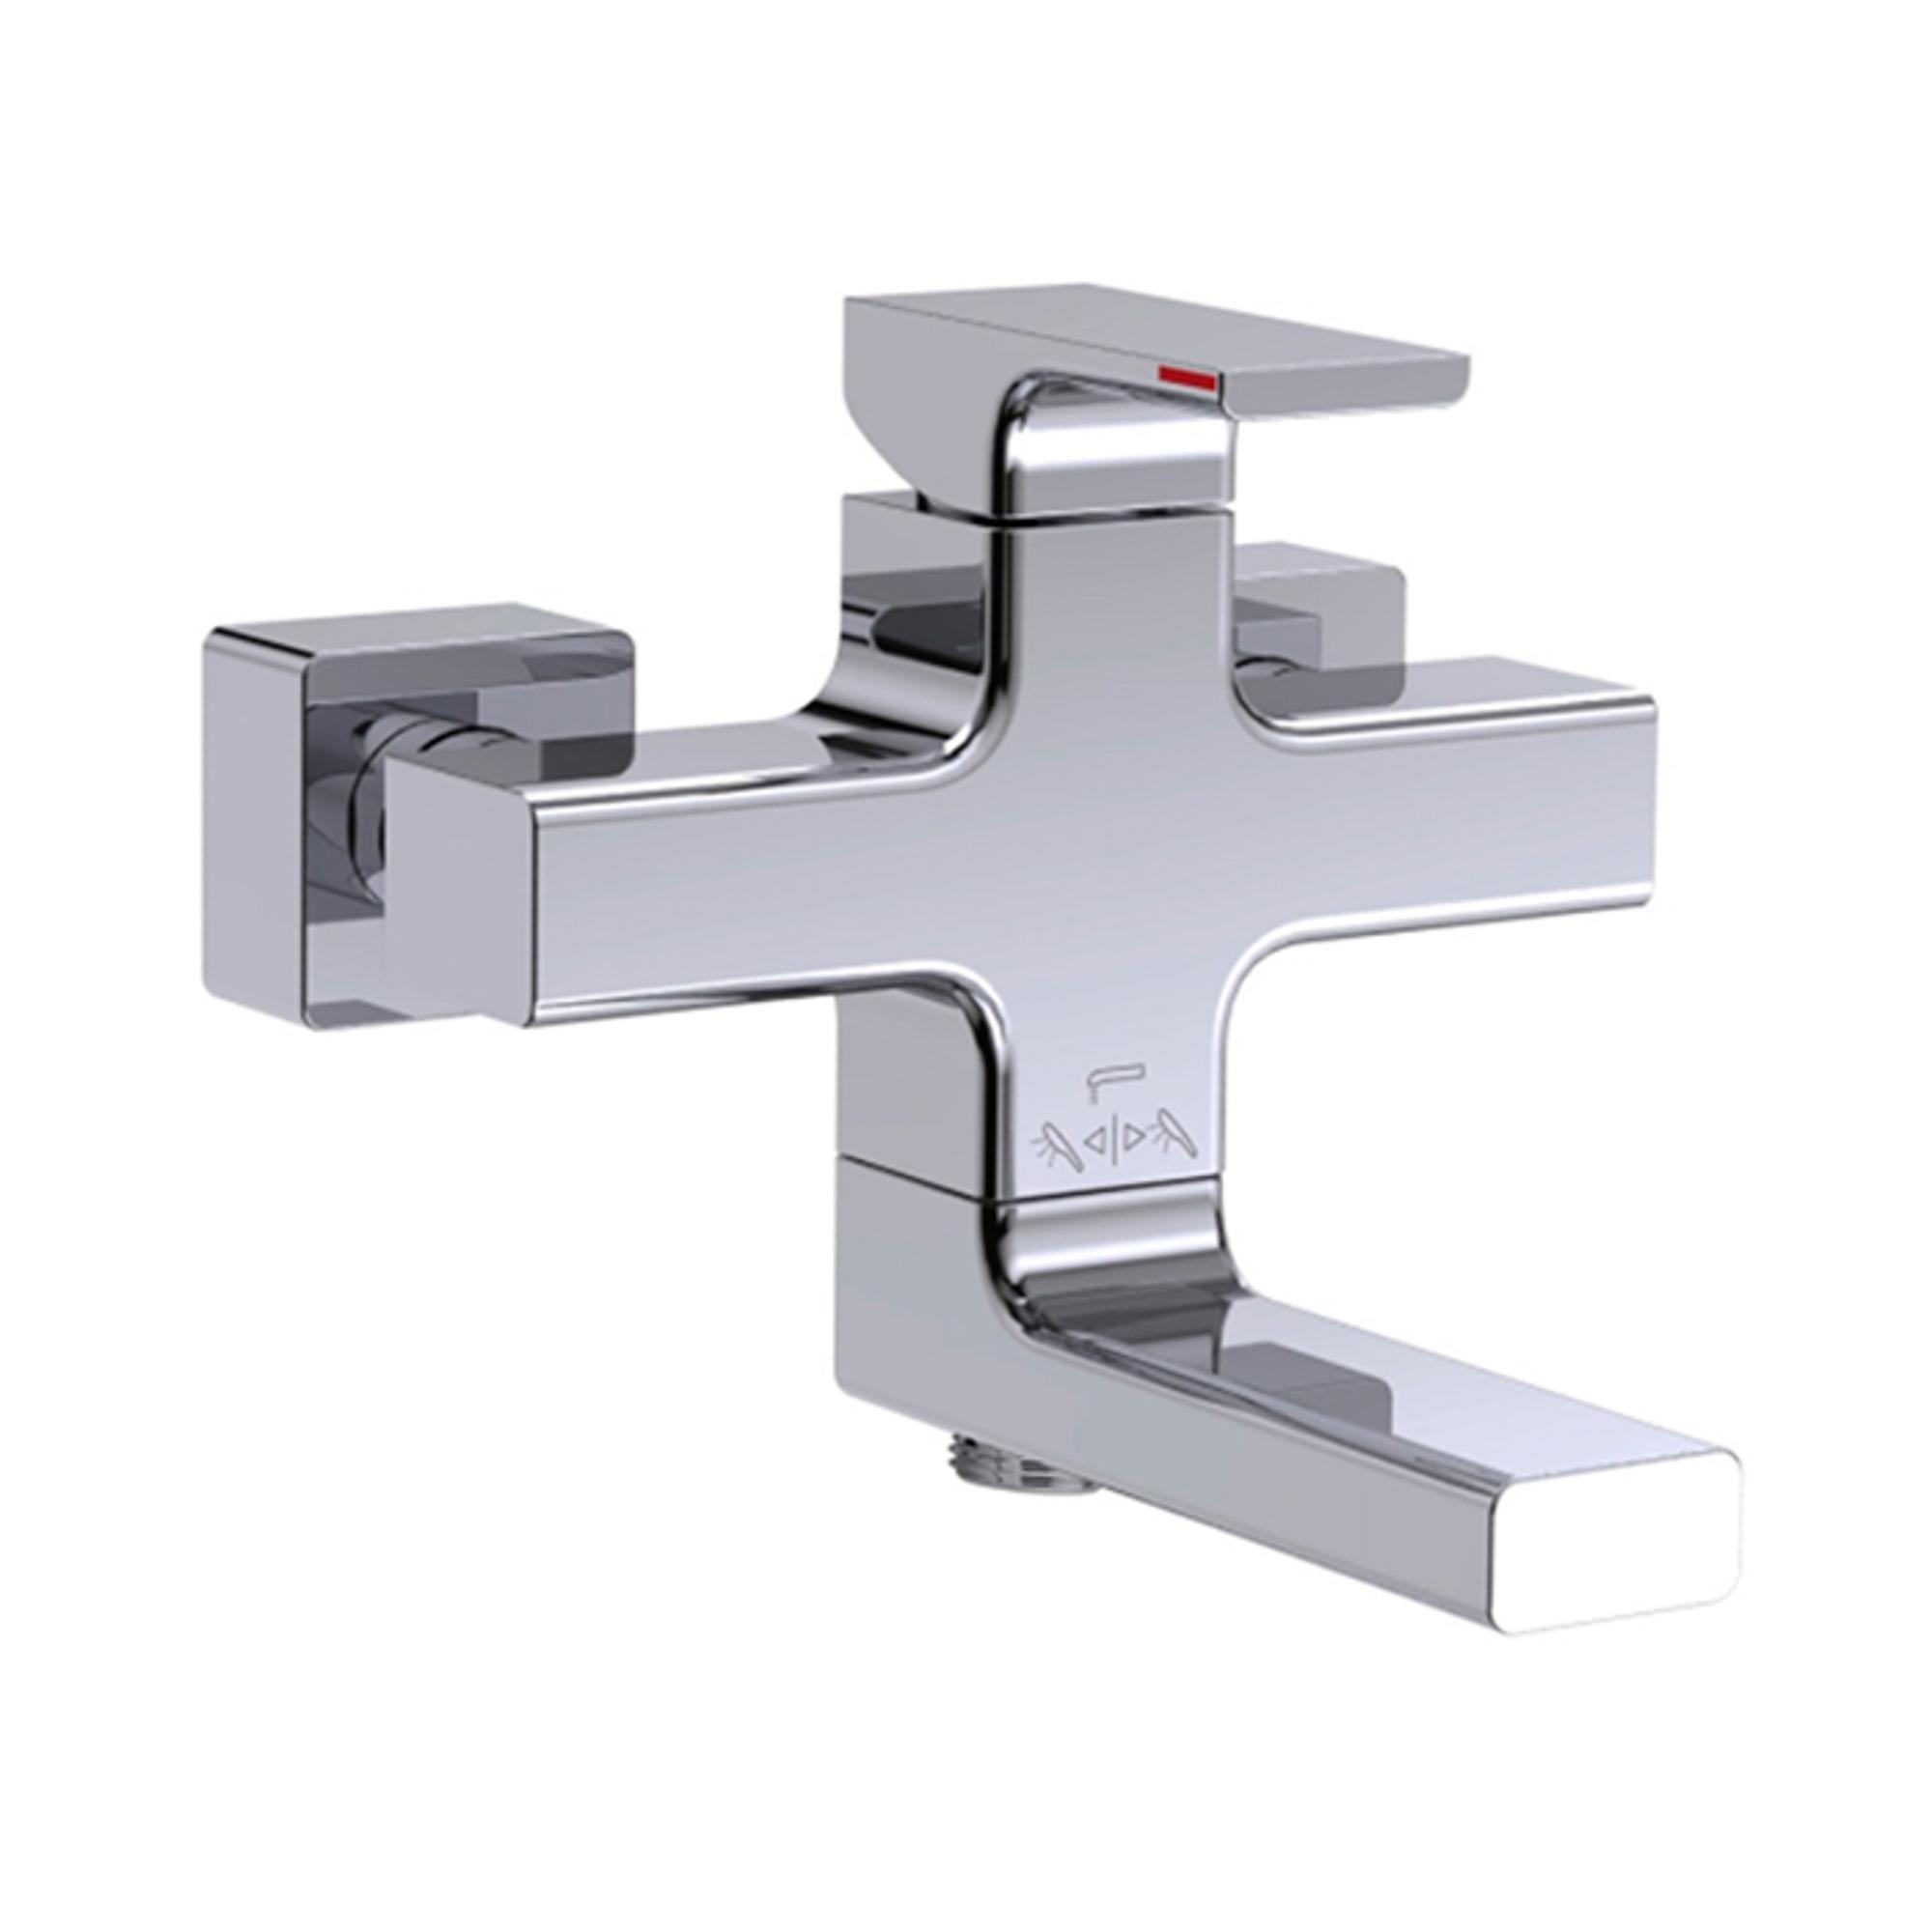 Купить Смеситель для ванны Jacob Delafon Strayt E45370-CP, смеситель, Китай, латунь, керамический картридж